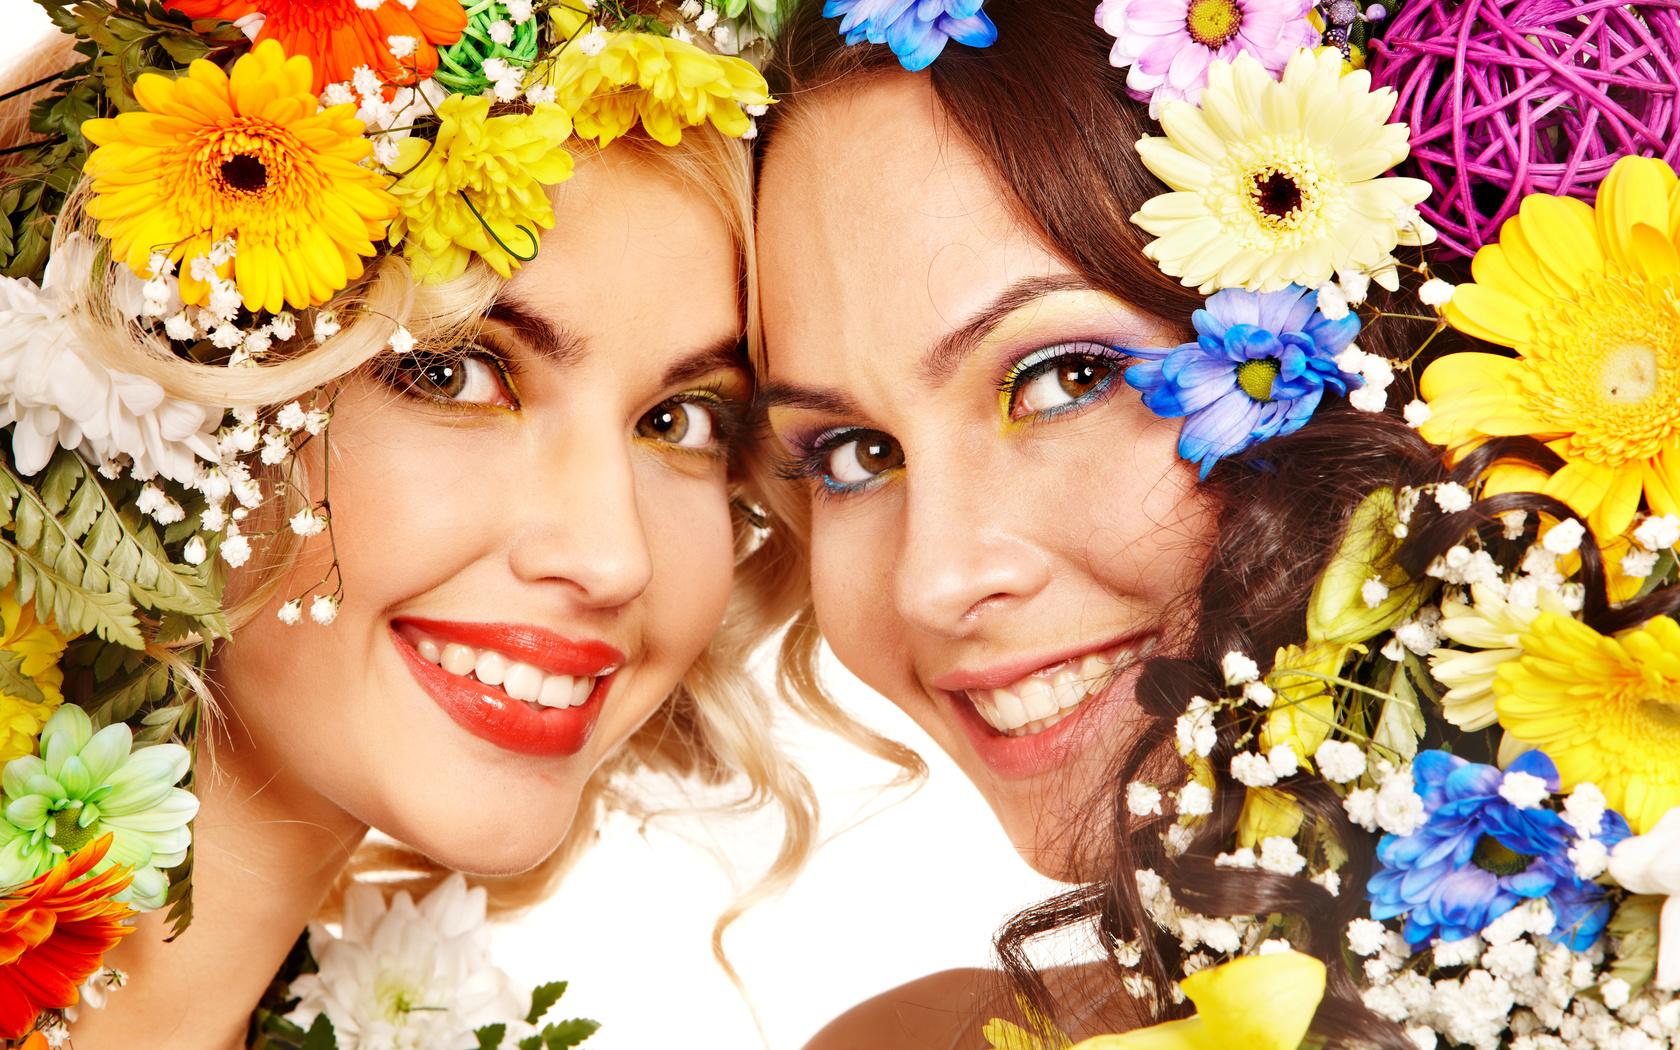 Девушка улыбка цветы фото